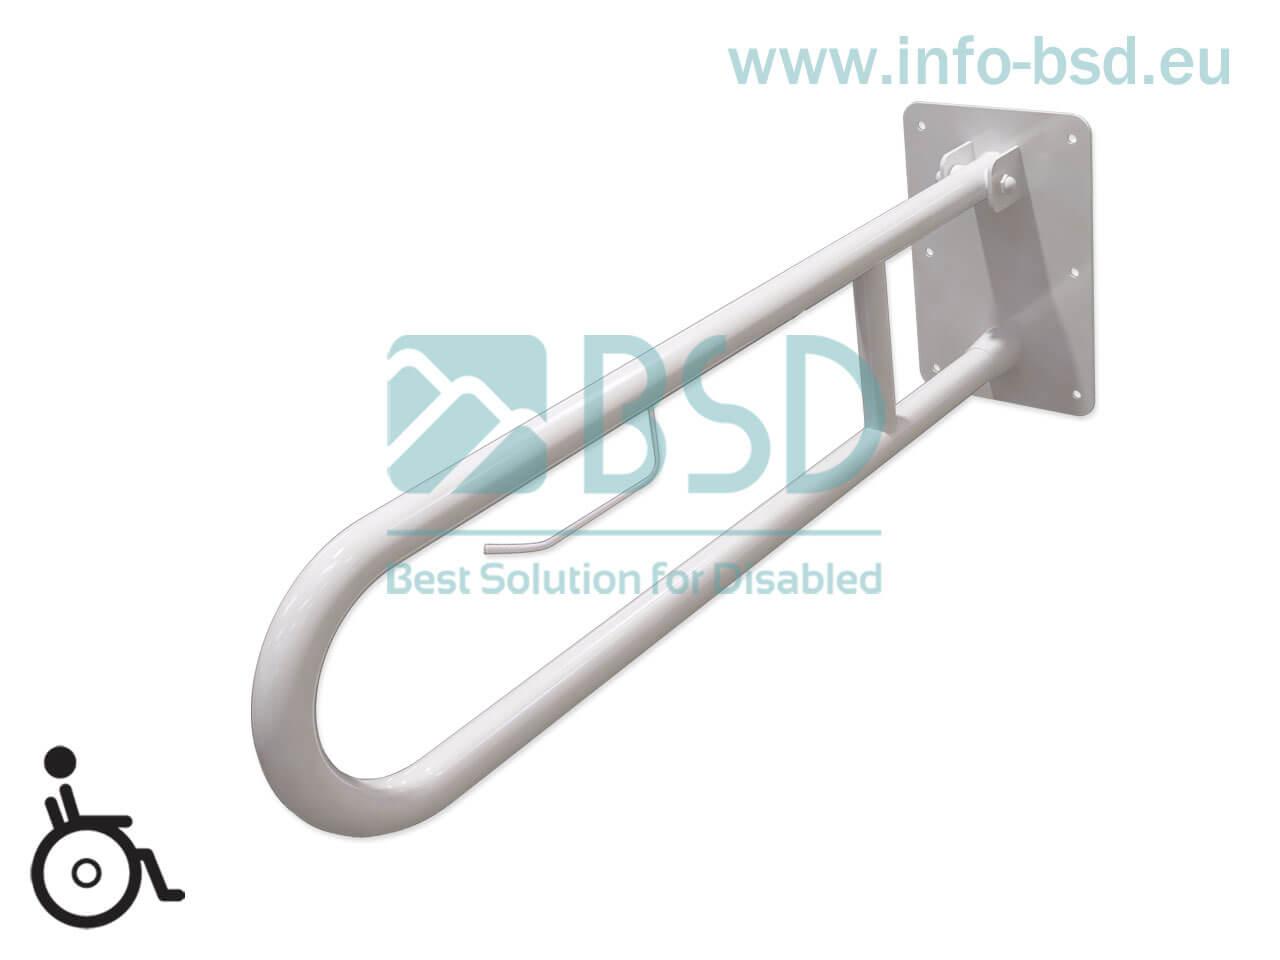 poręcz umywalkowa WC uchylna z zawieszką na papier toaletowy dla niepelnosprawnych seria STANDARD UUWC PAP fi32 BSD